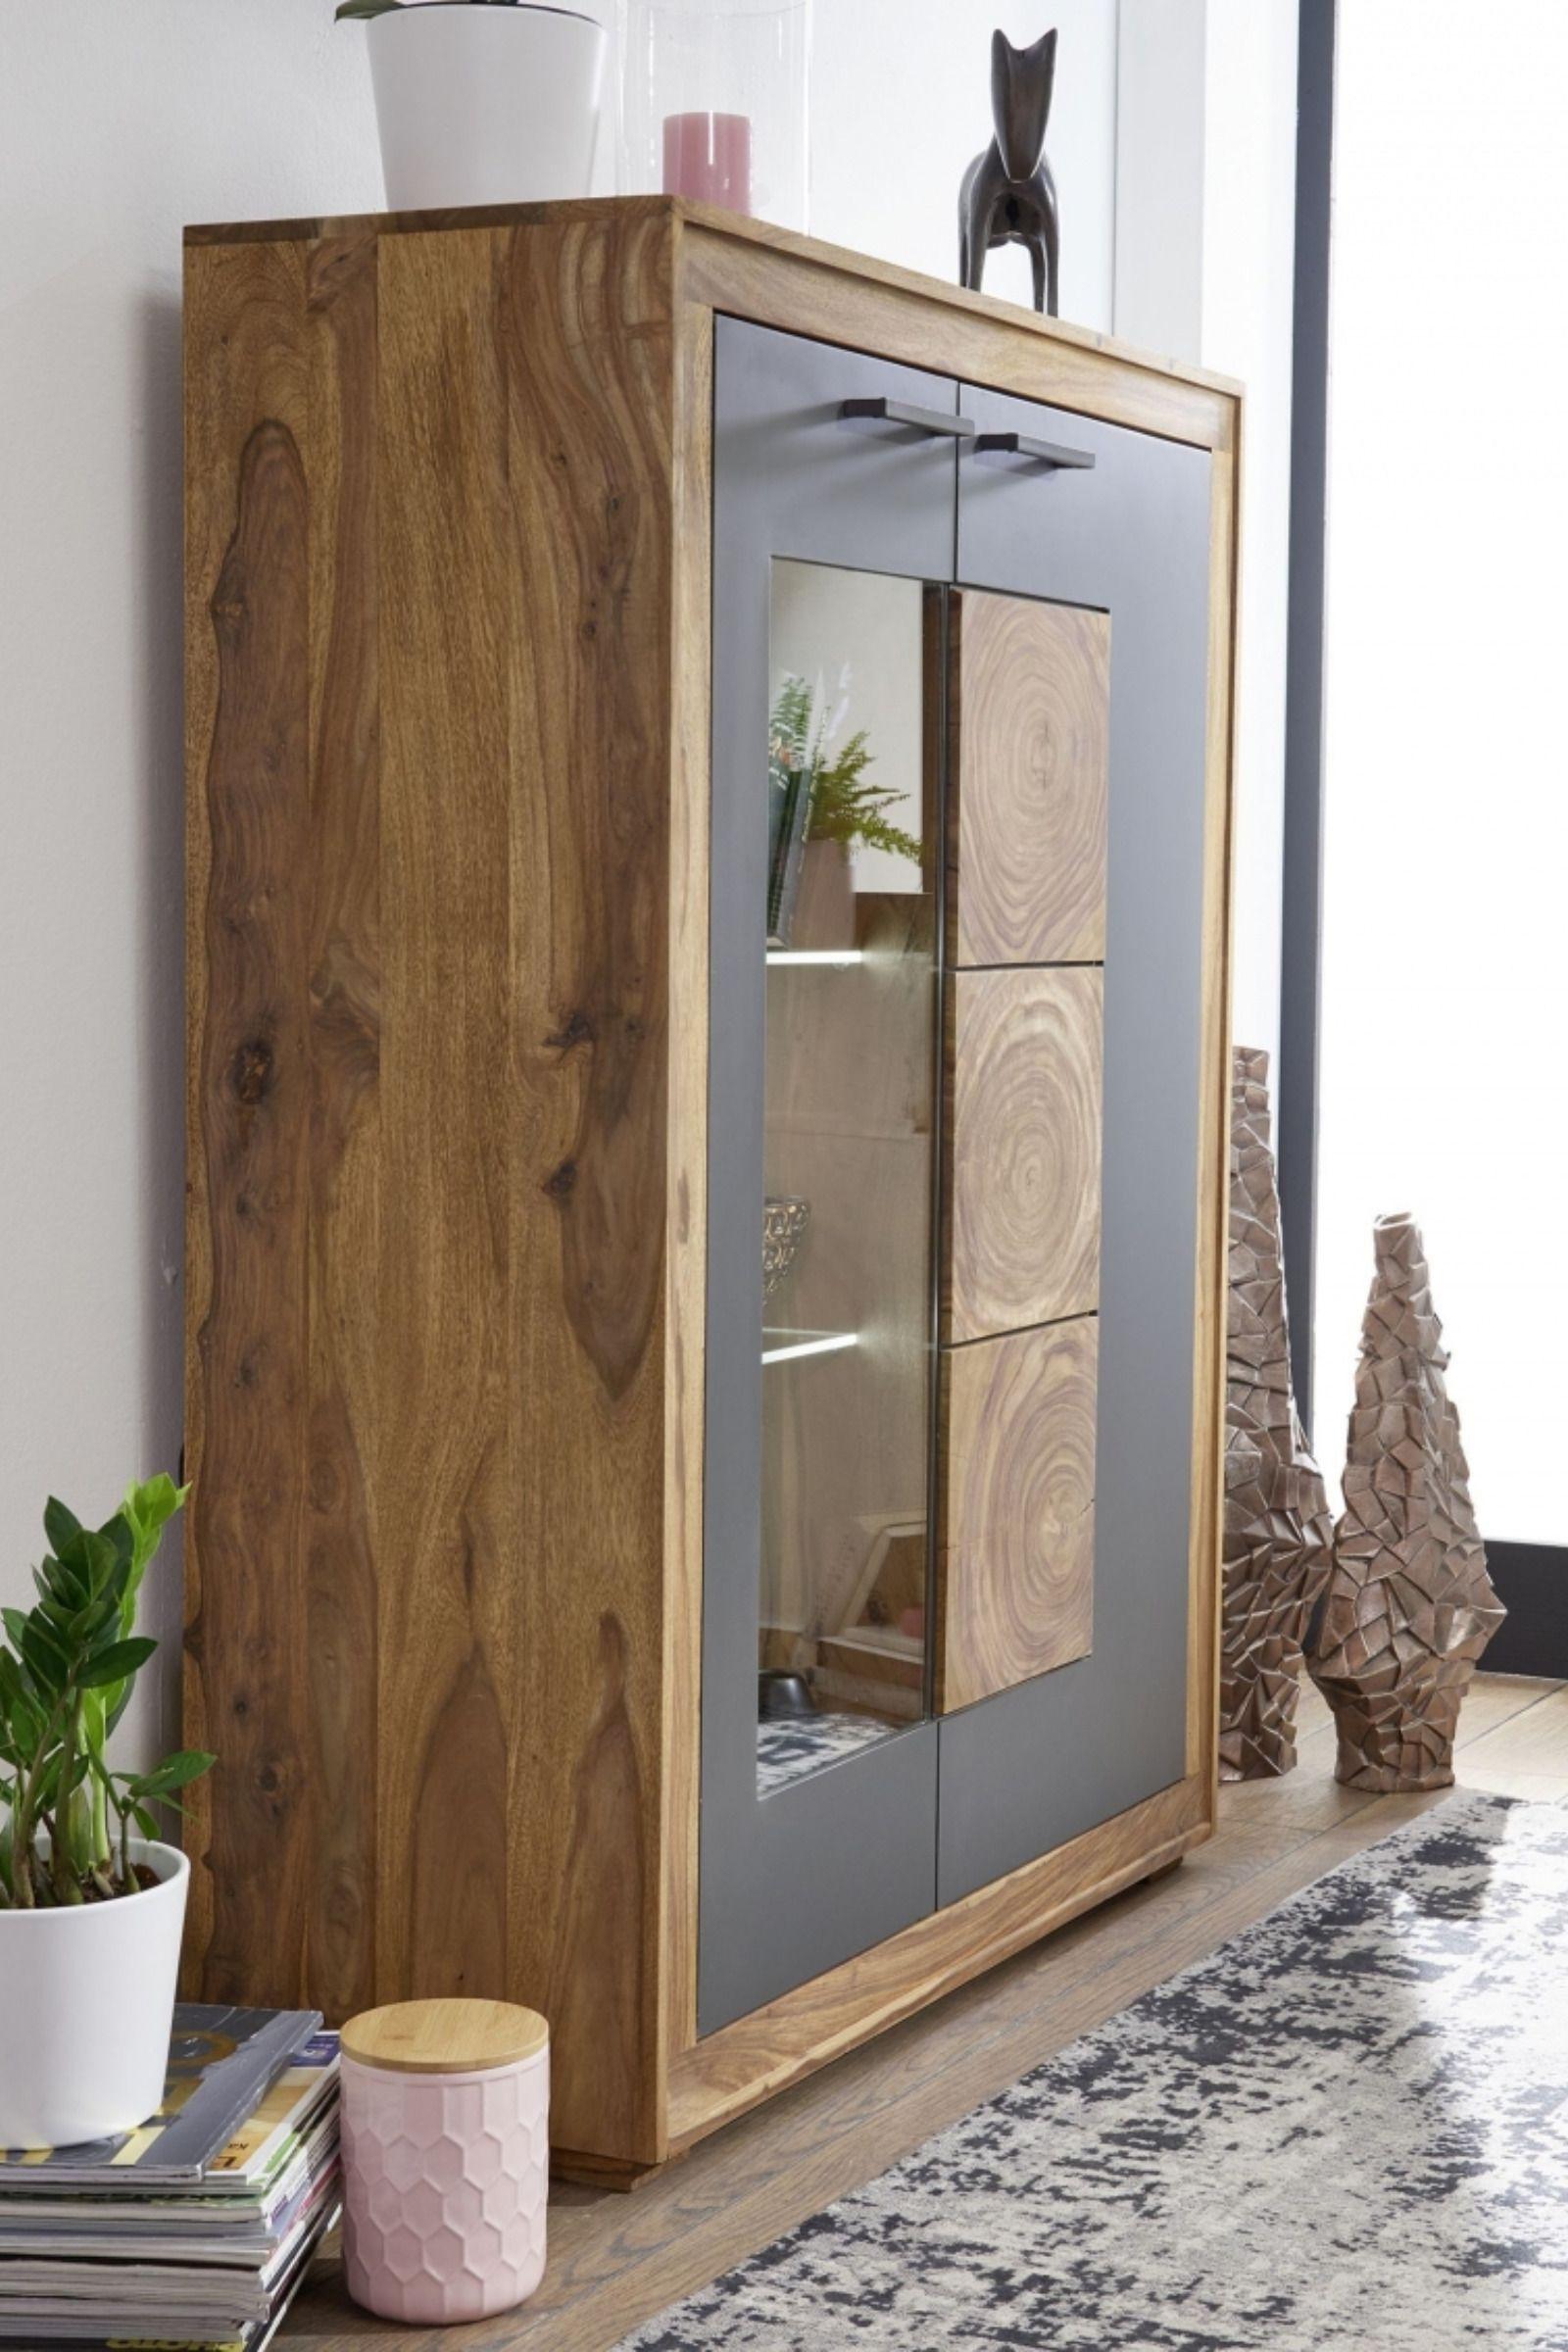 Turin Wohnzimmerschranke Wohnzimmer Einrichten Esszimmer Mobel